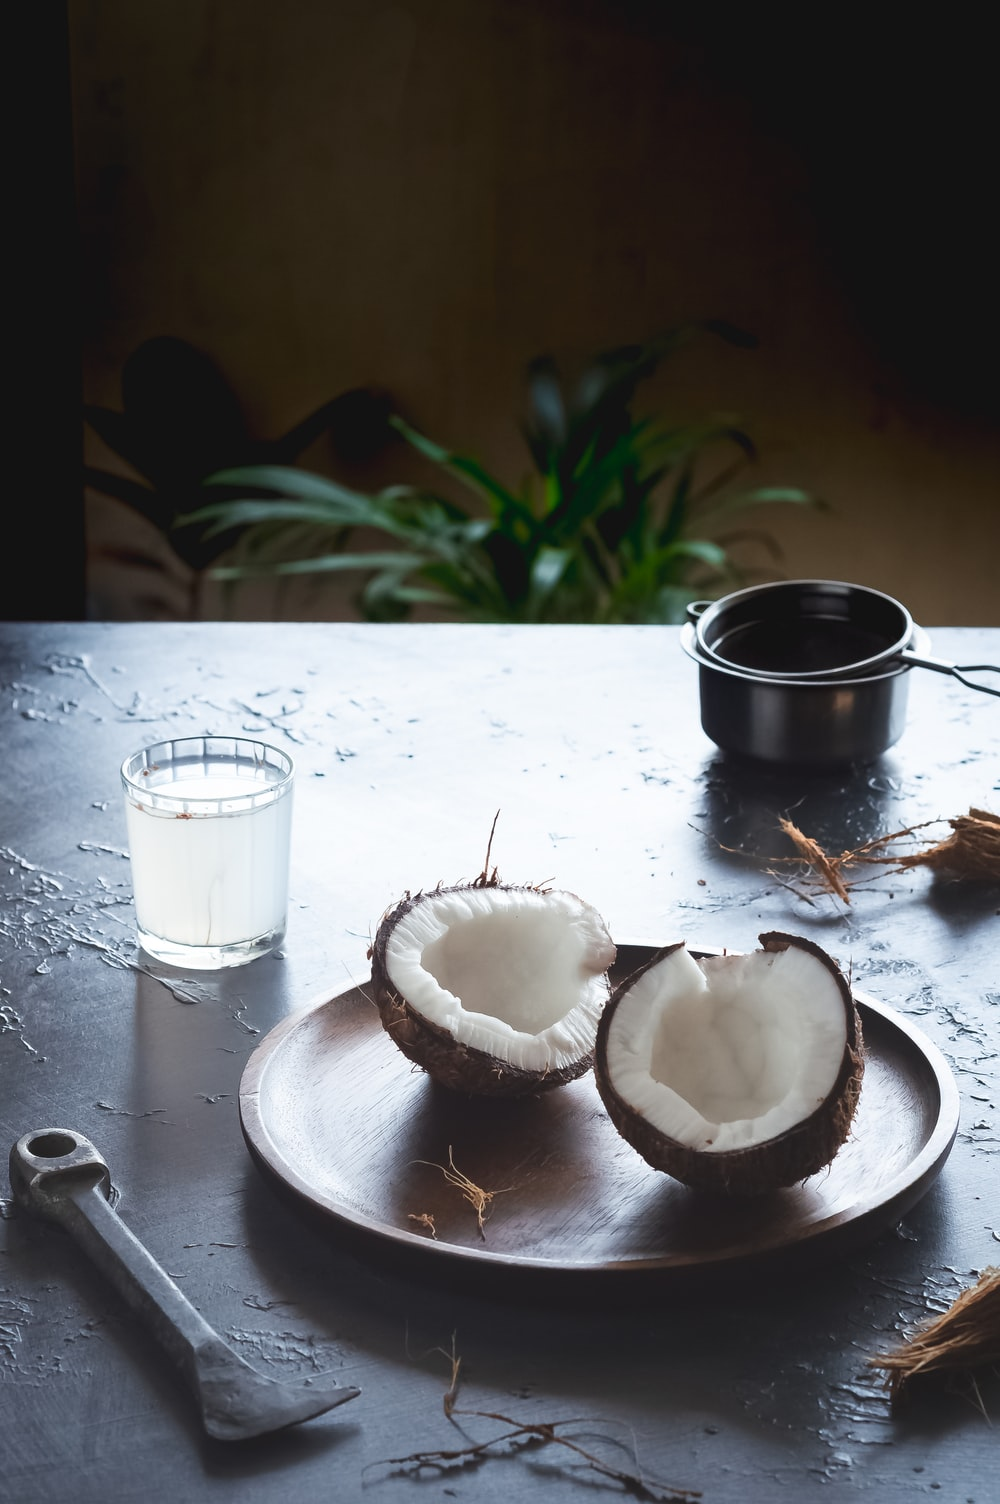 sliced apple beside black ceramic mug on white wooden table